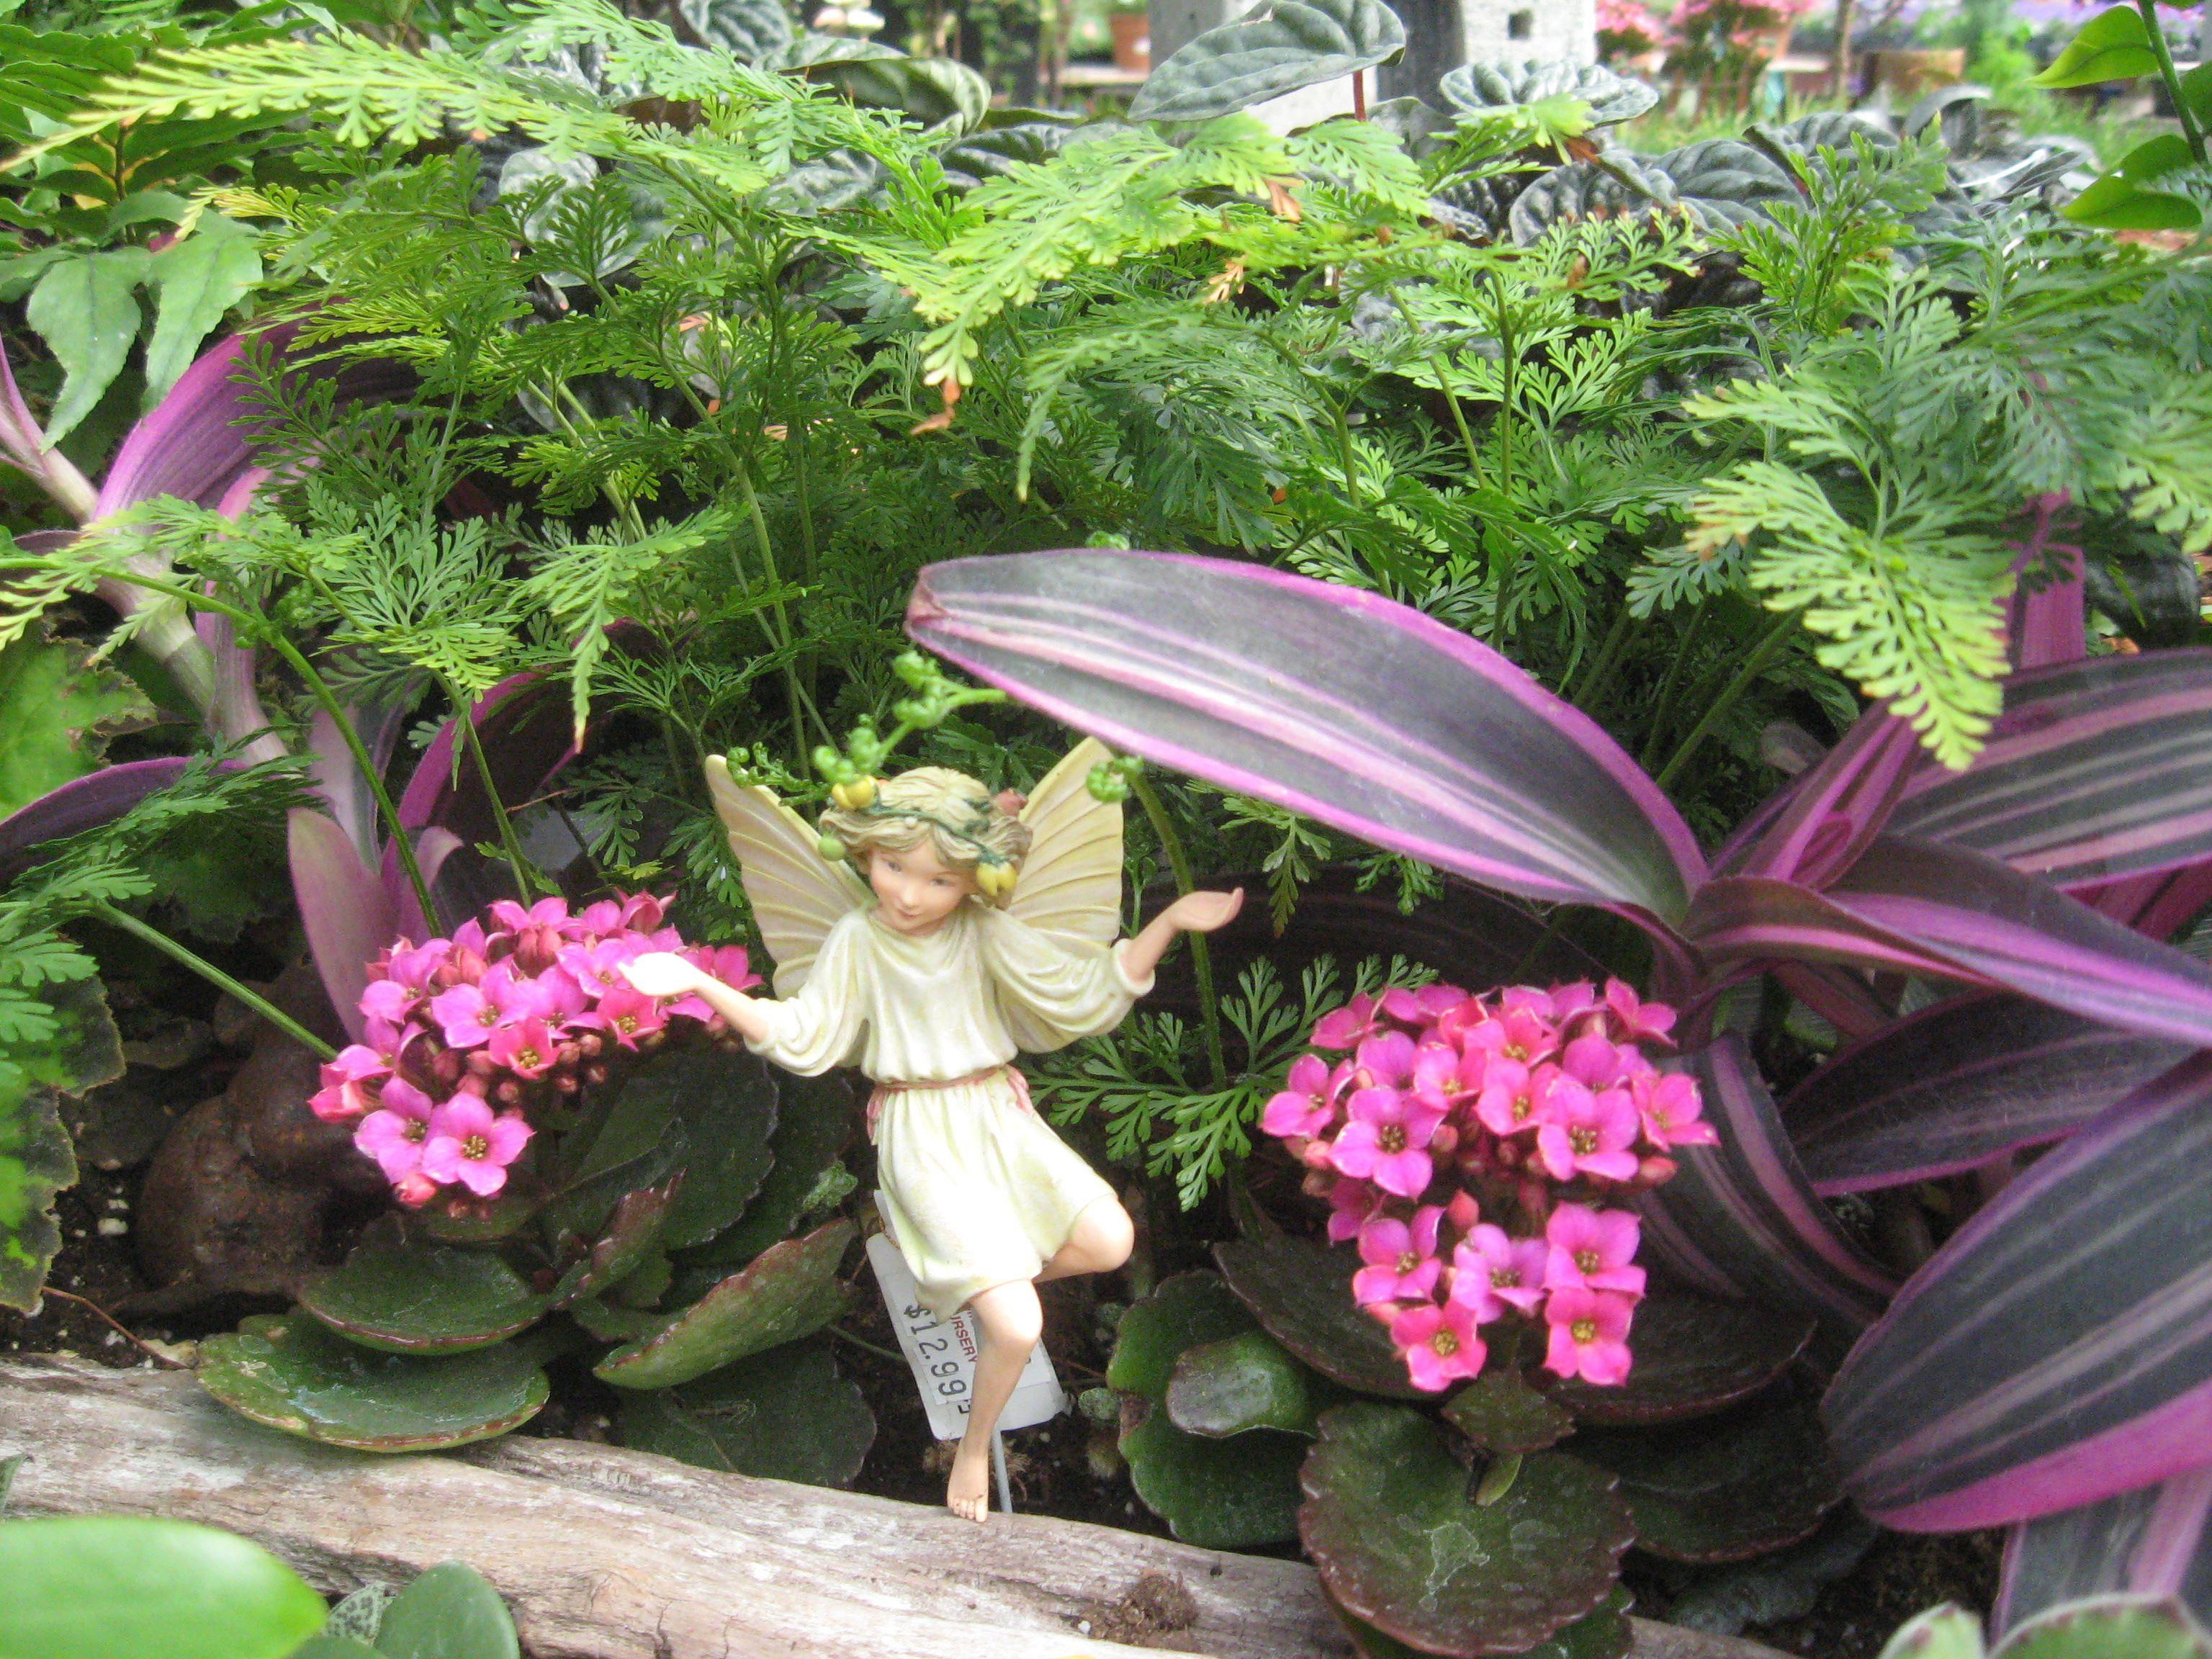 Estatua de hadas entre plantas de jardín rosadas